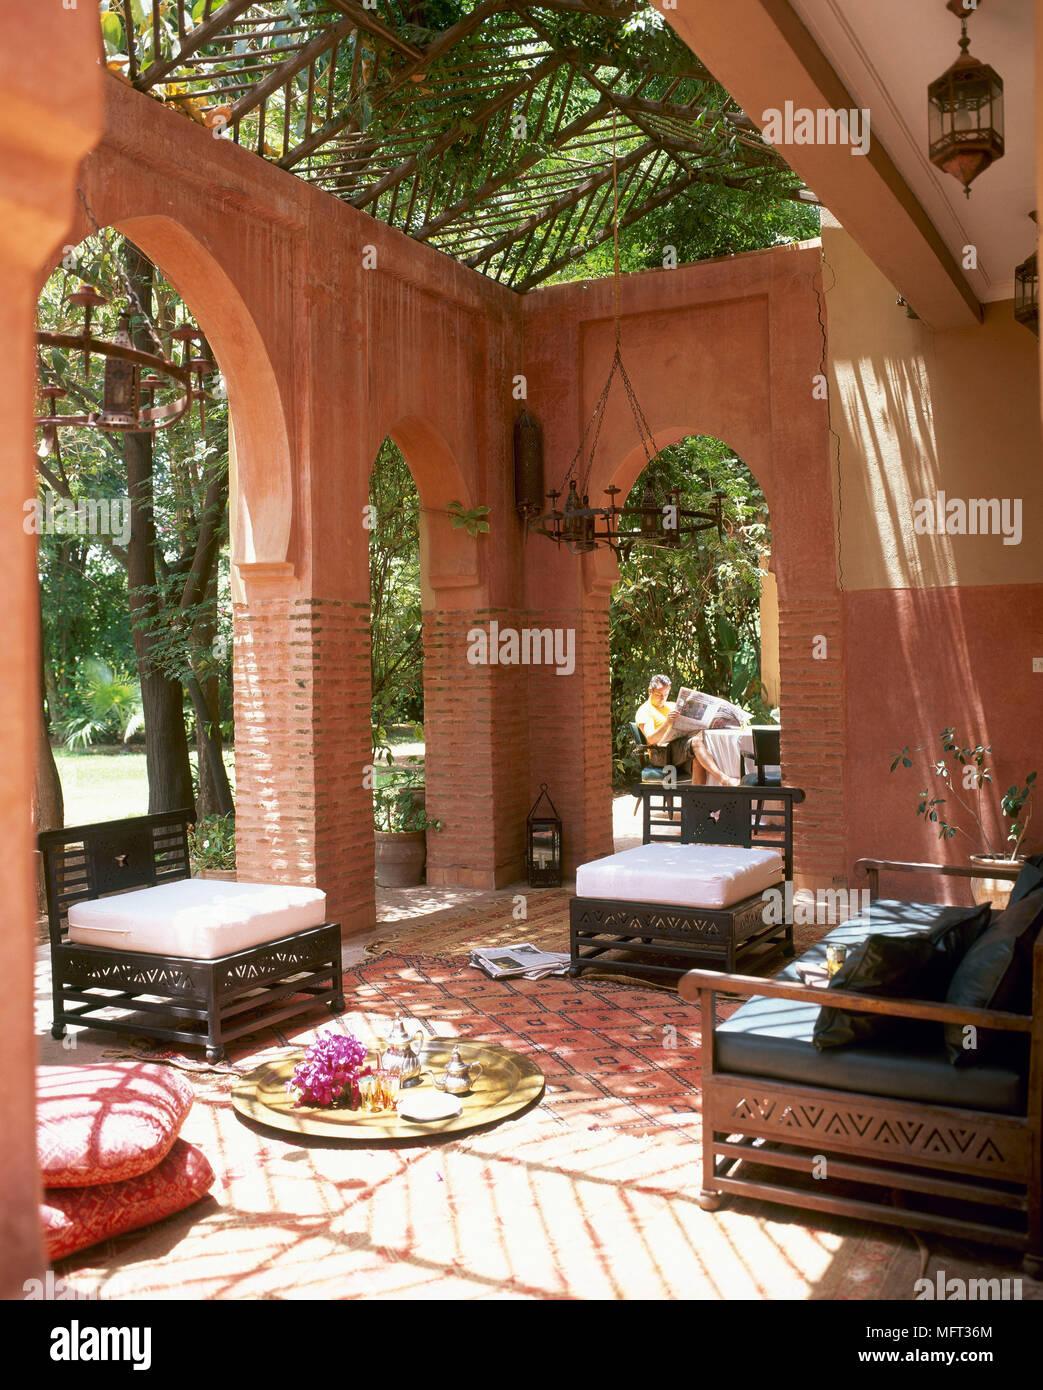 Hôtel terrasse couverte salon marocain coin Interiors hôtels arcades ...